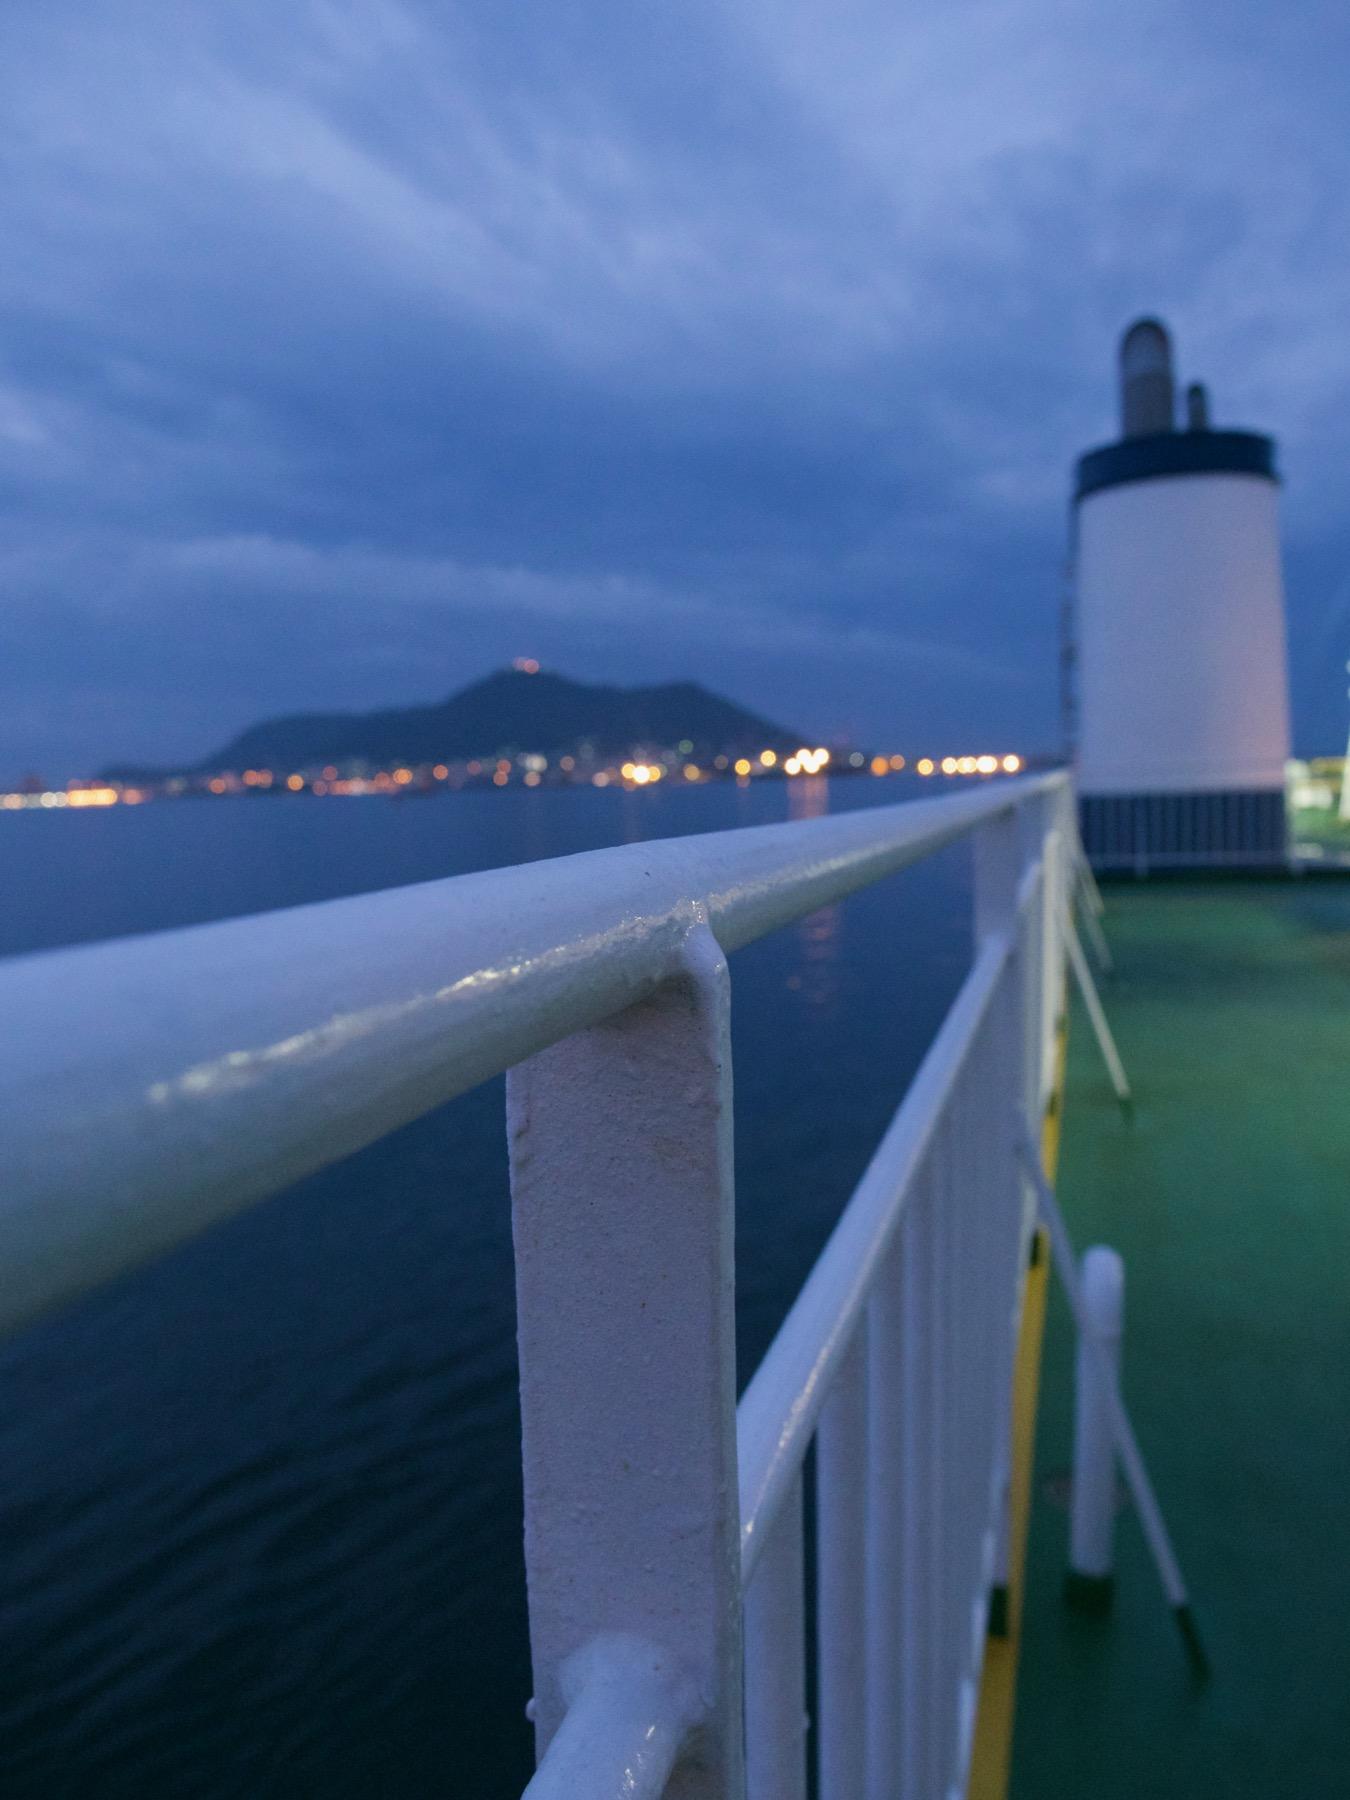 夜明け前のフェリーデッキと函館港